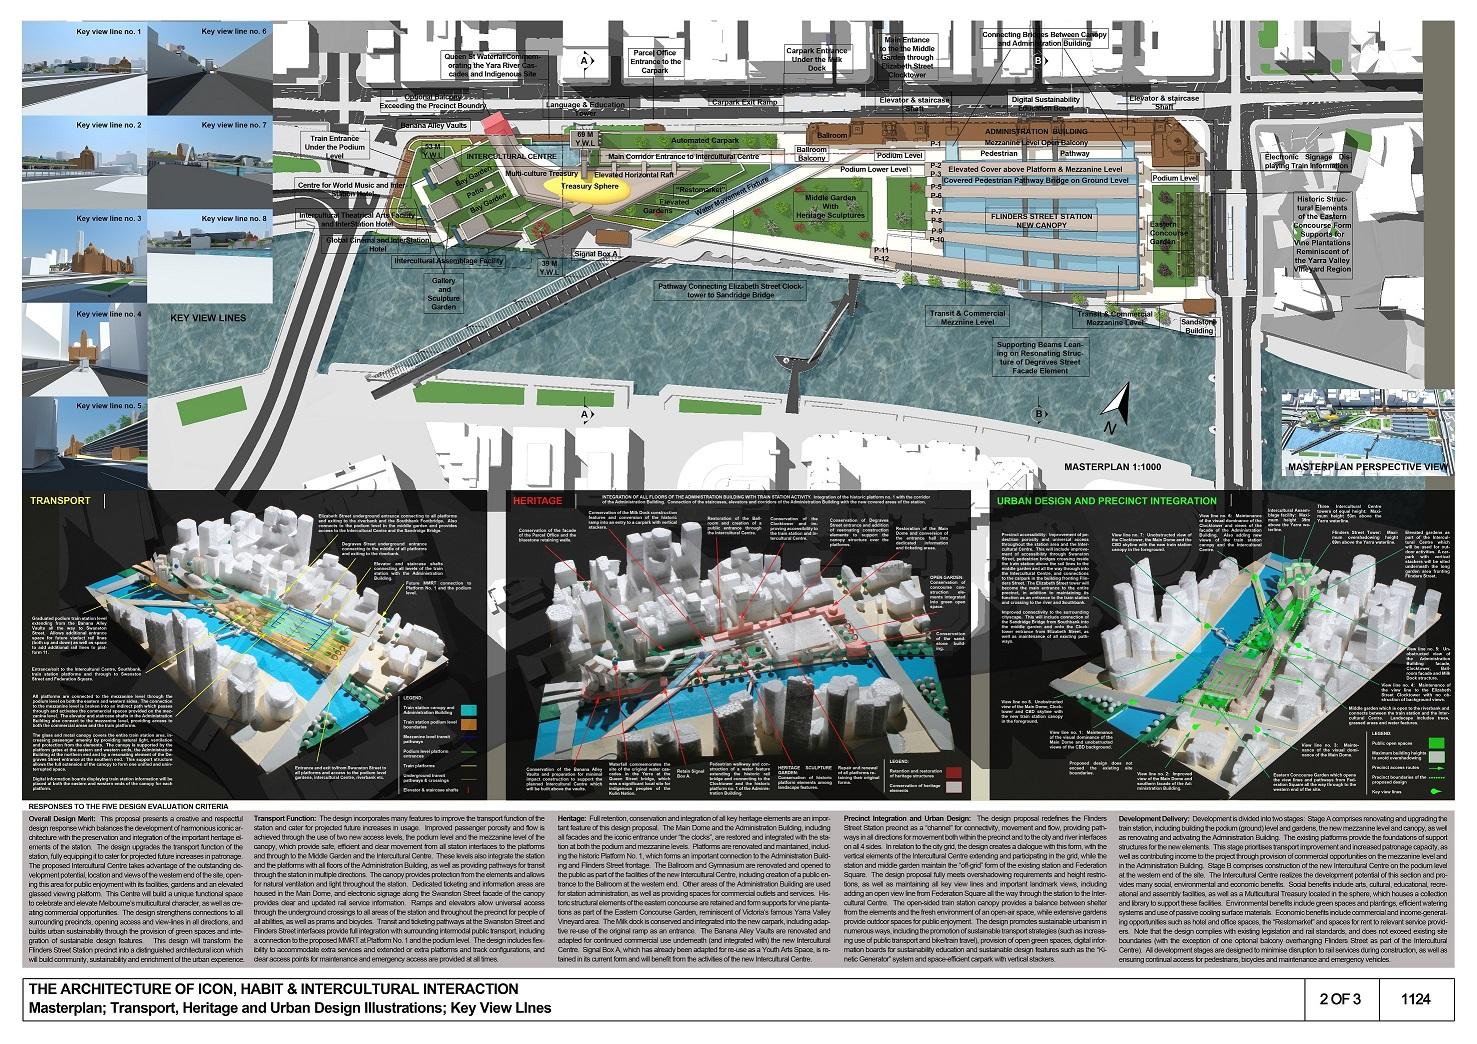 Flinders Street Station Design Competition 13 - Flinders Street Station Design Competition-Melb...